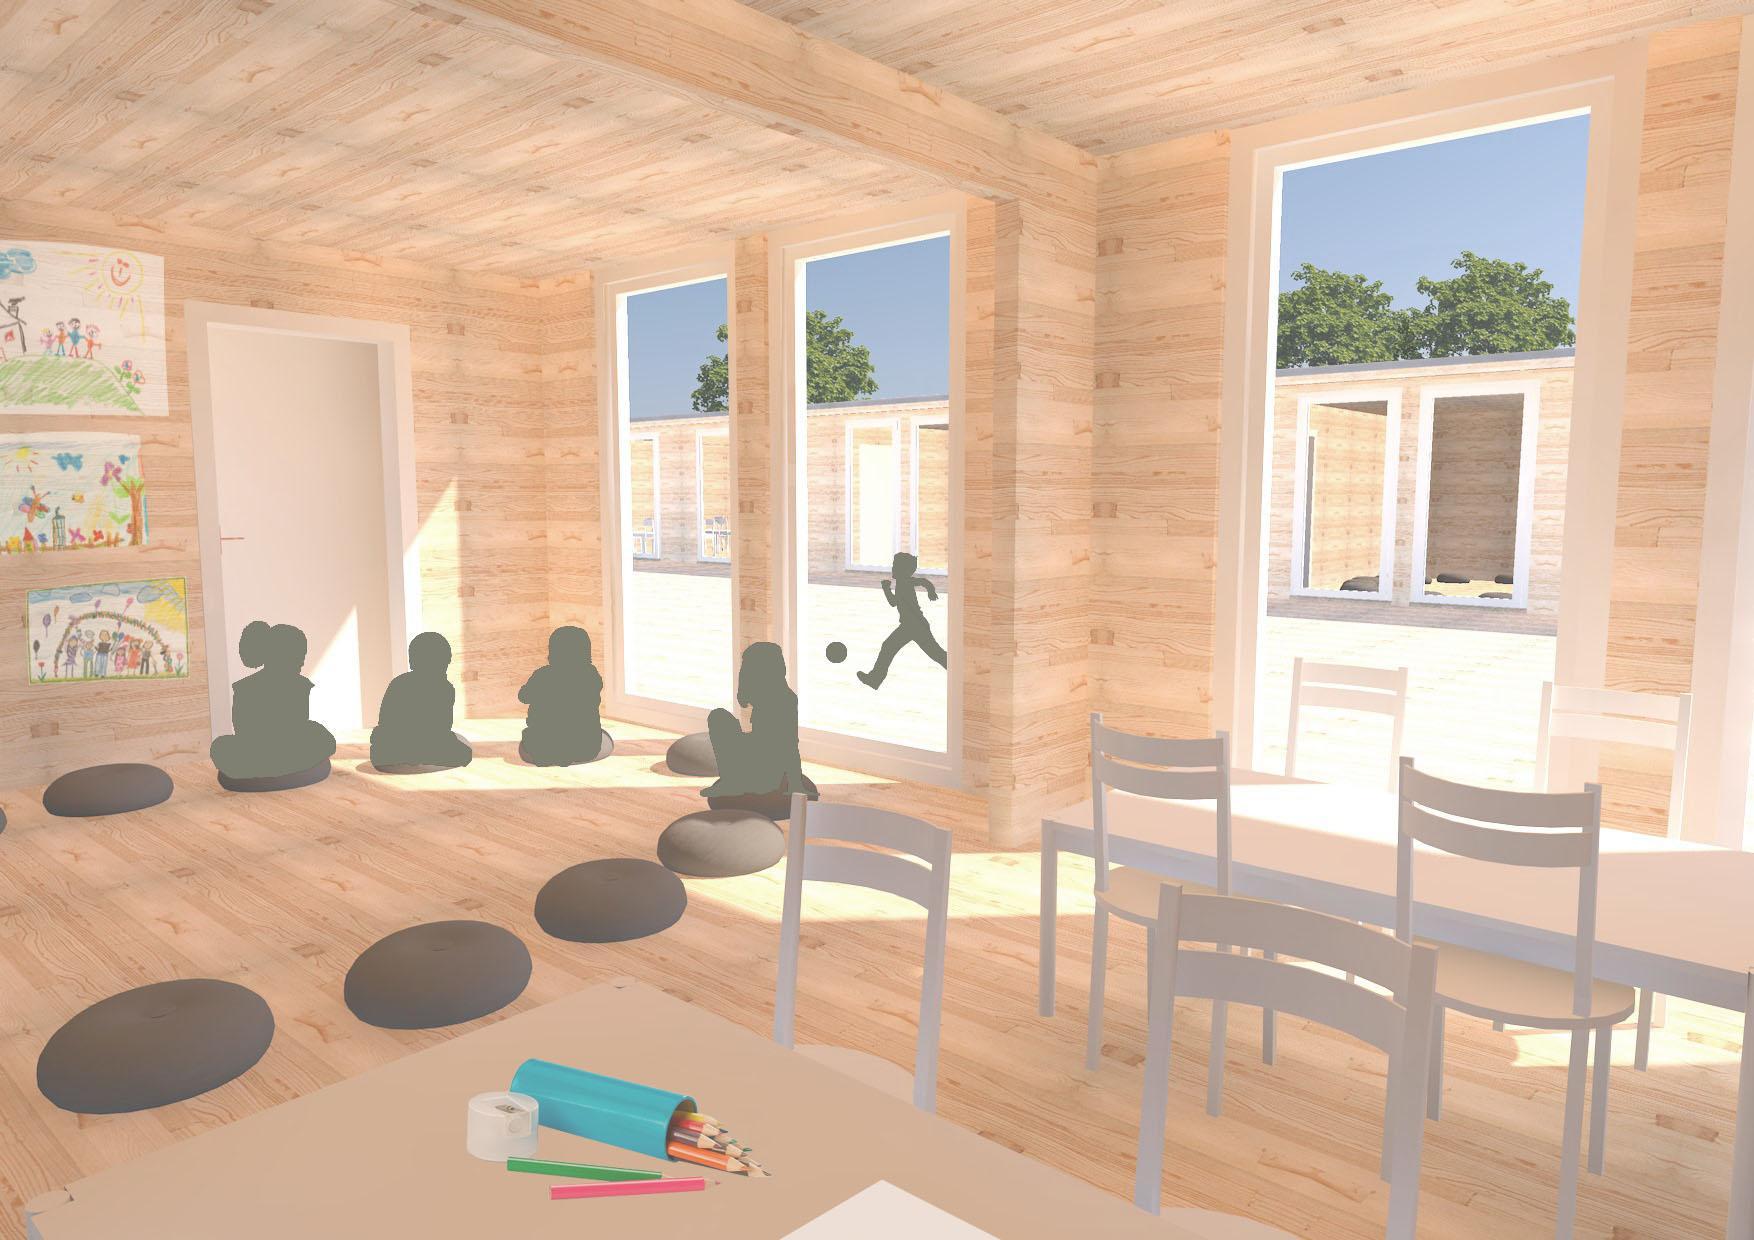 modular-bauen-beispiel-kindergarten-gruppenraum